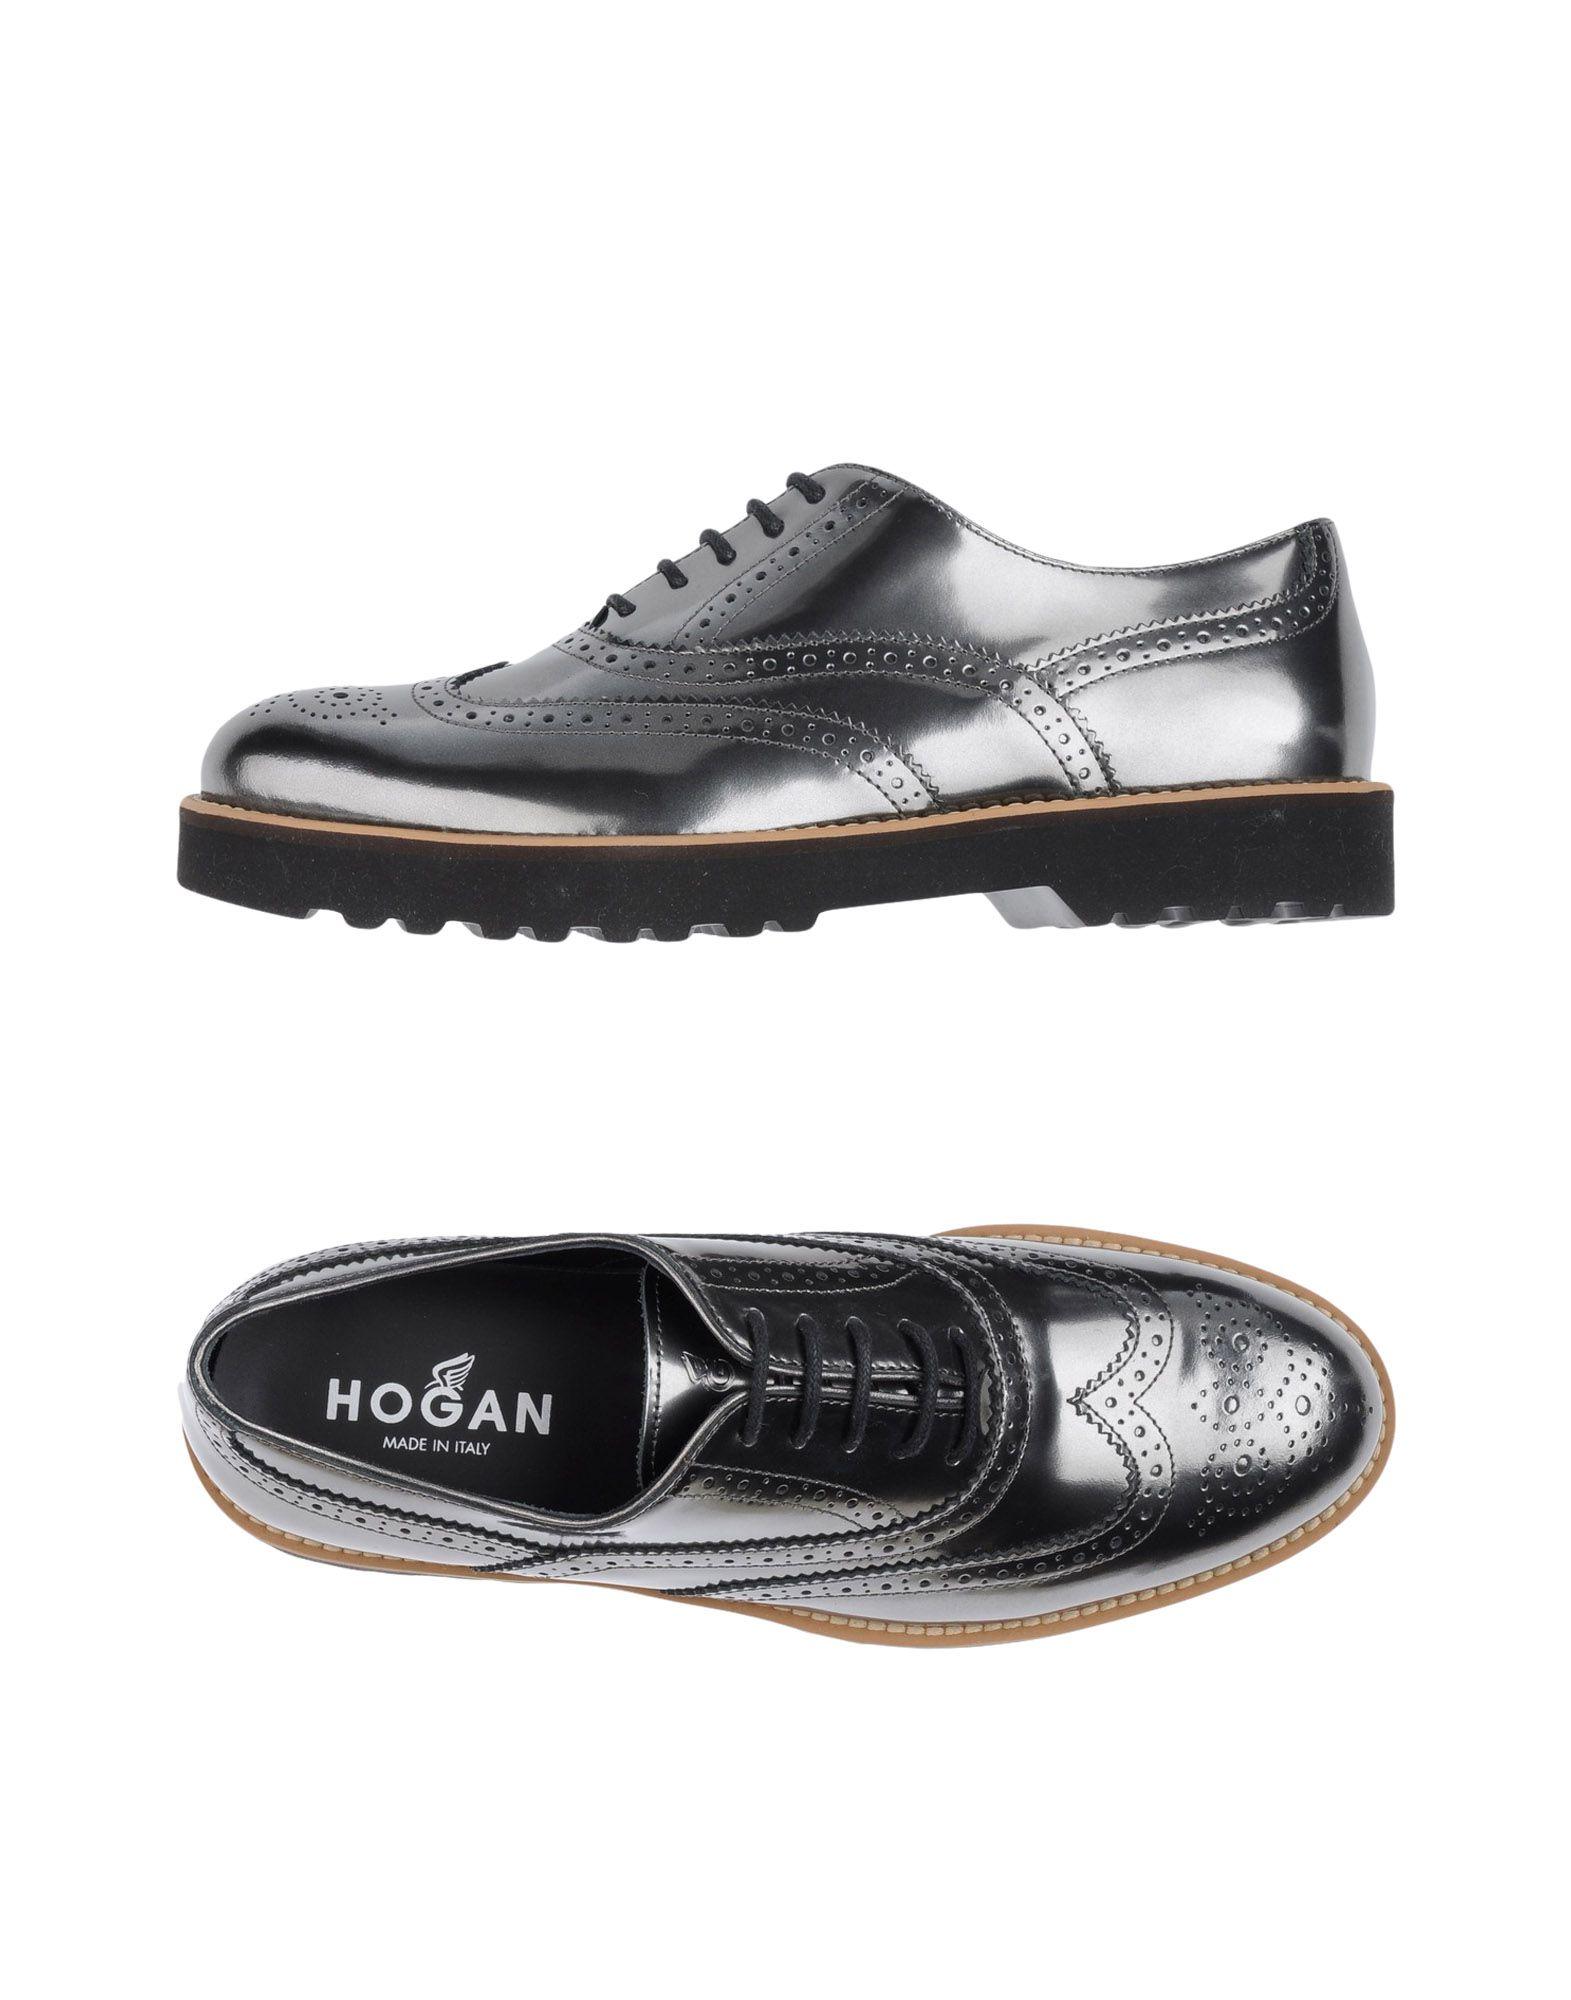 Schuhe Hogan Schnürschuhe Damen  11244515MB Heiße Schuhe  59224d